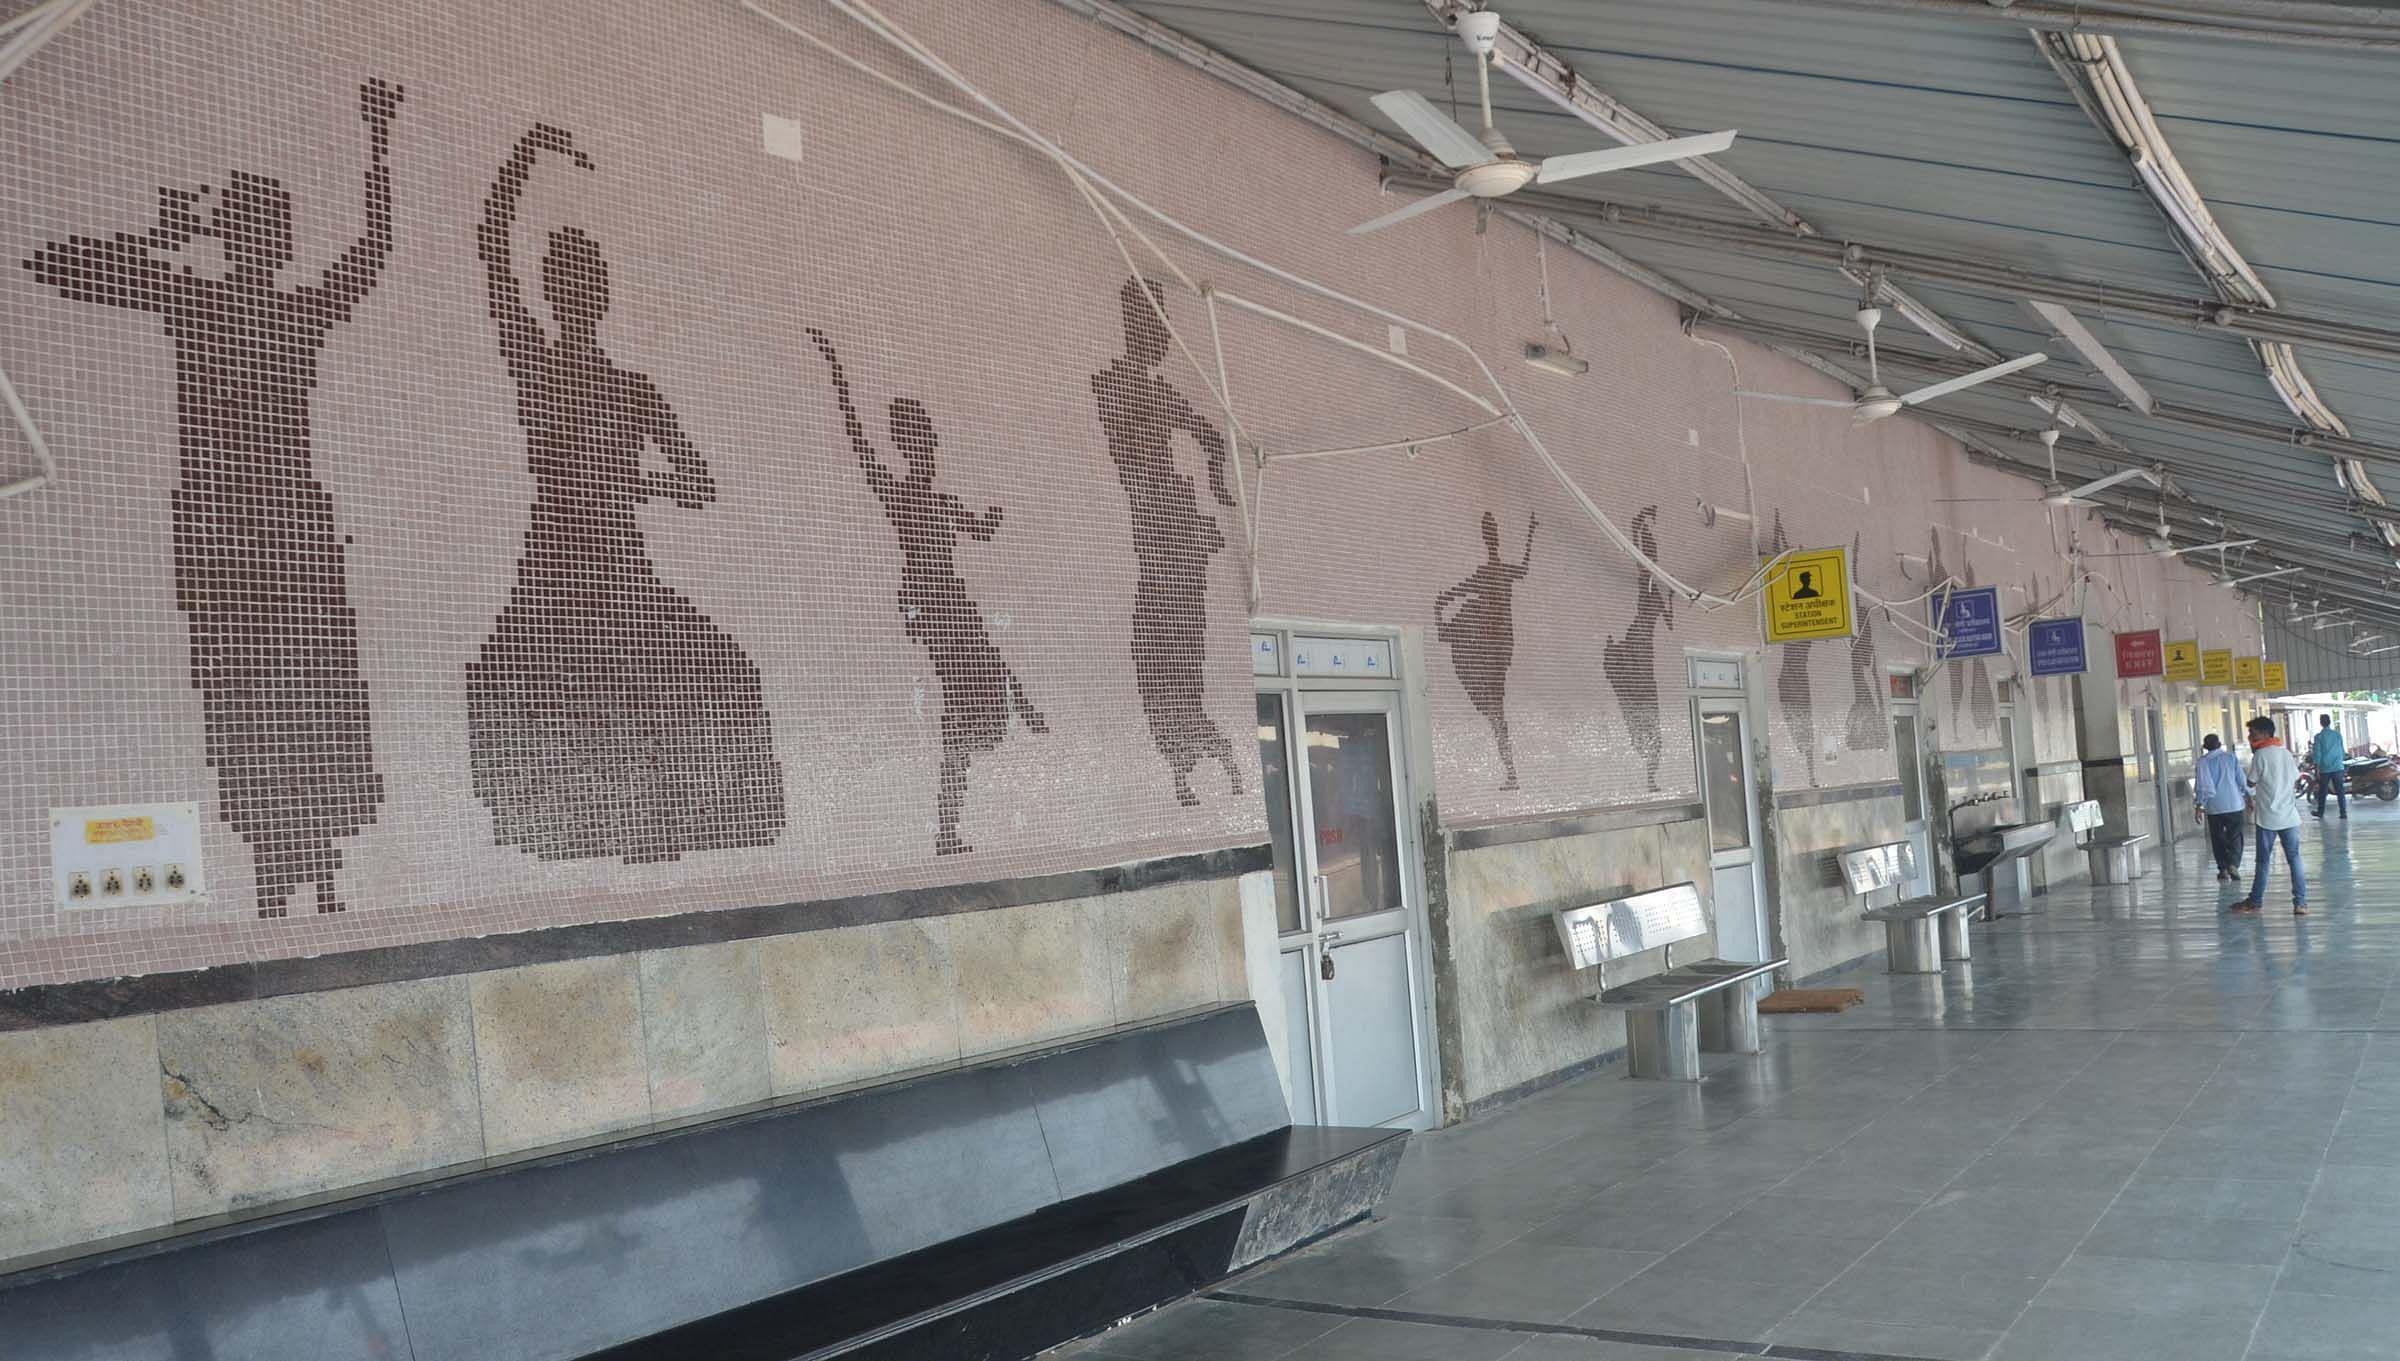 रेलवे स्टेशन प्लेटफार्म पर हुआ सौन्दर्यीकरण।